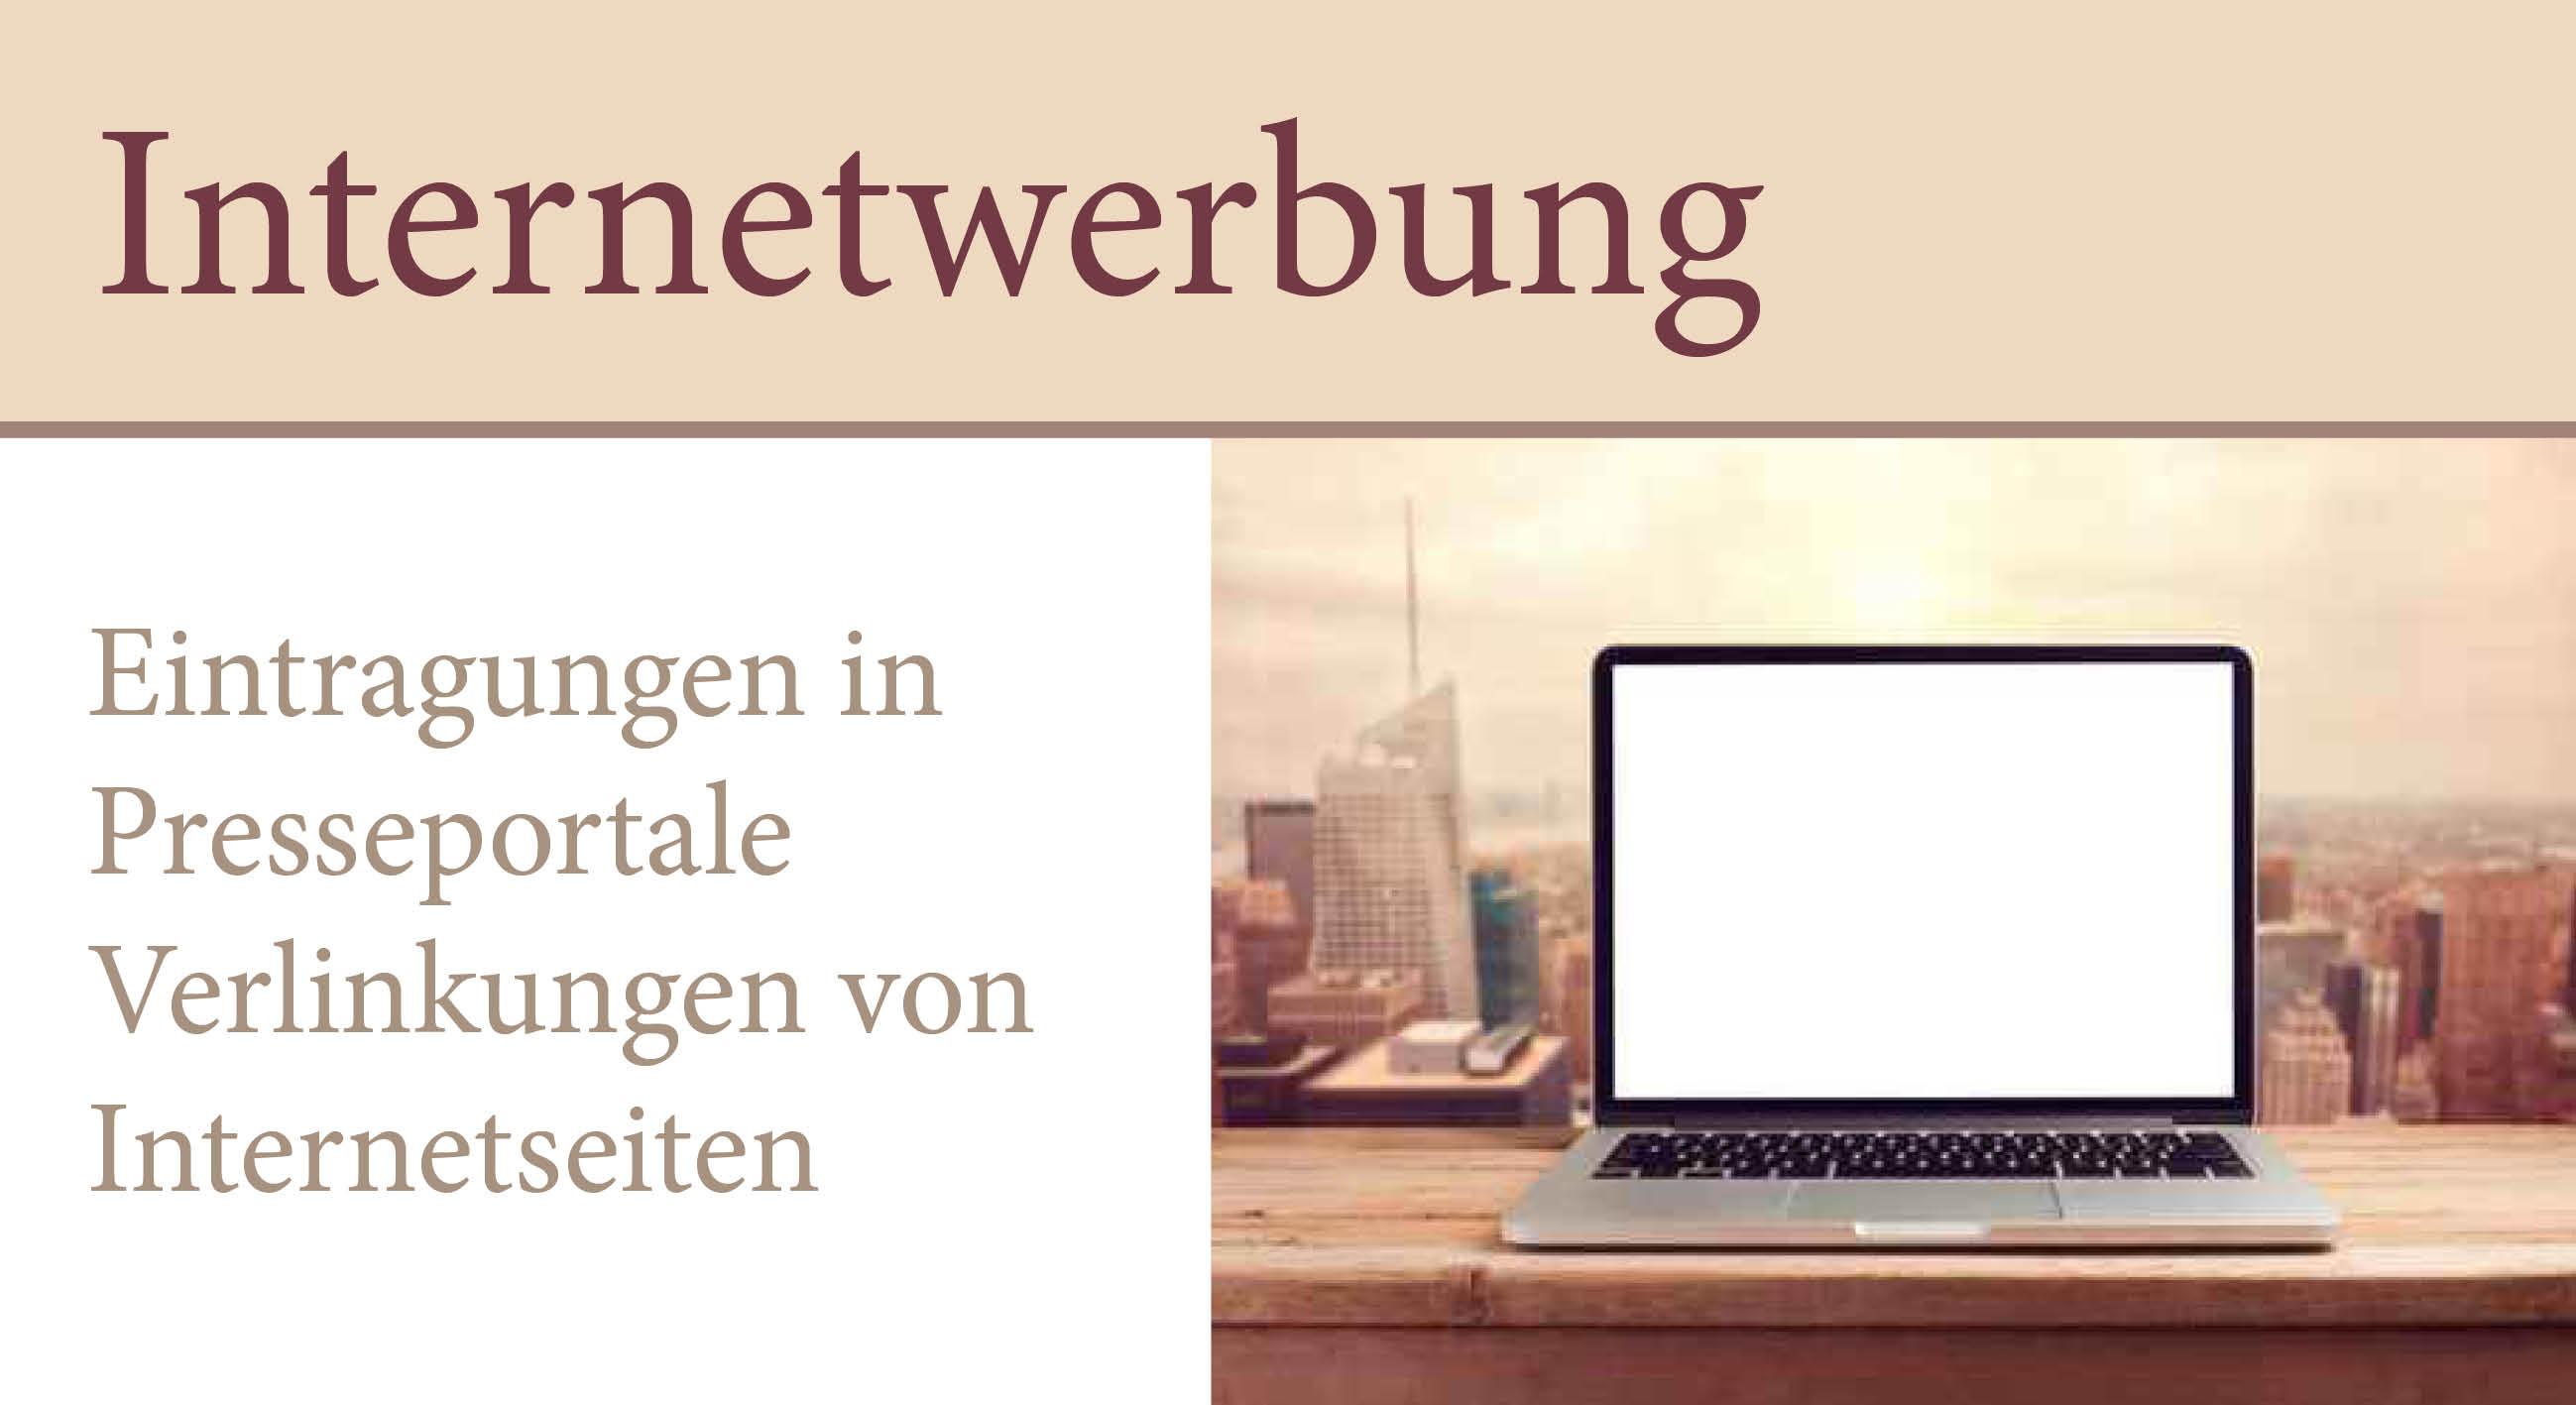 Internetwerbung